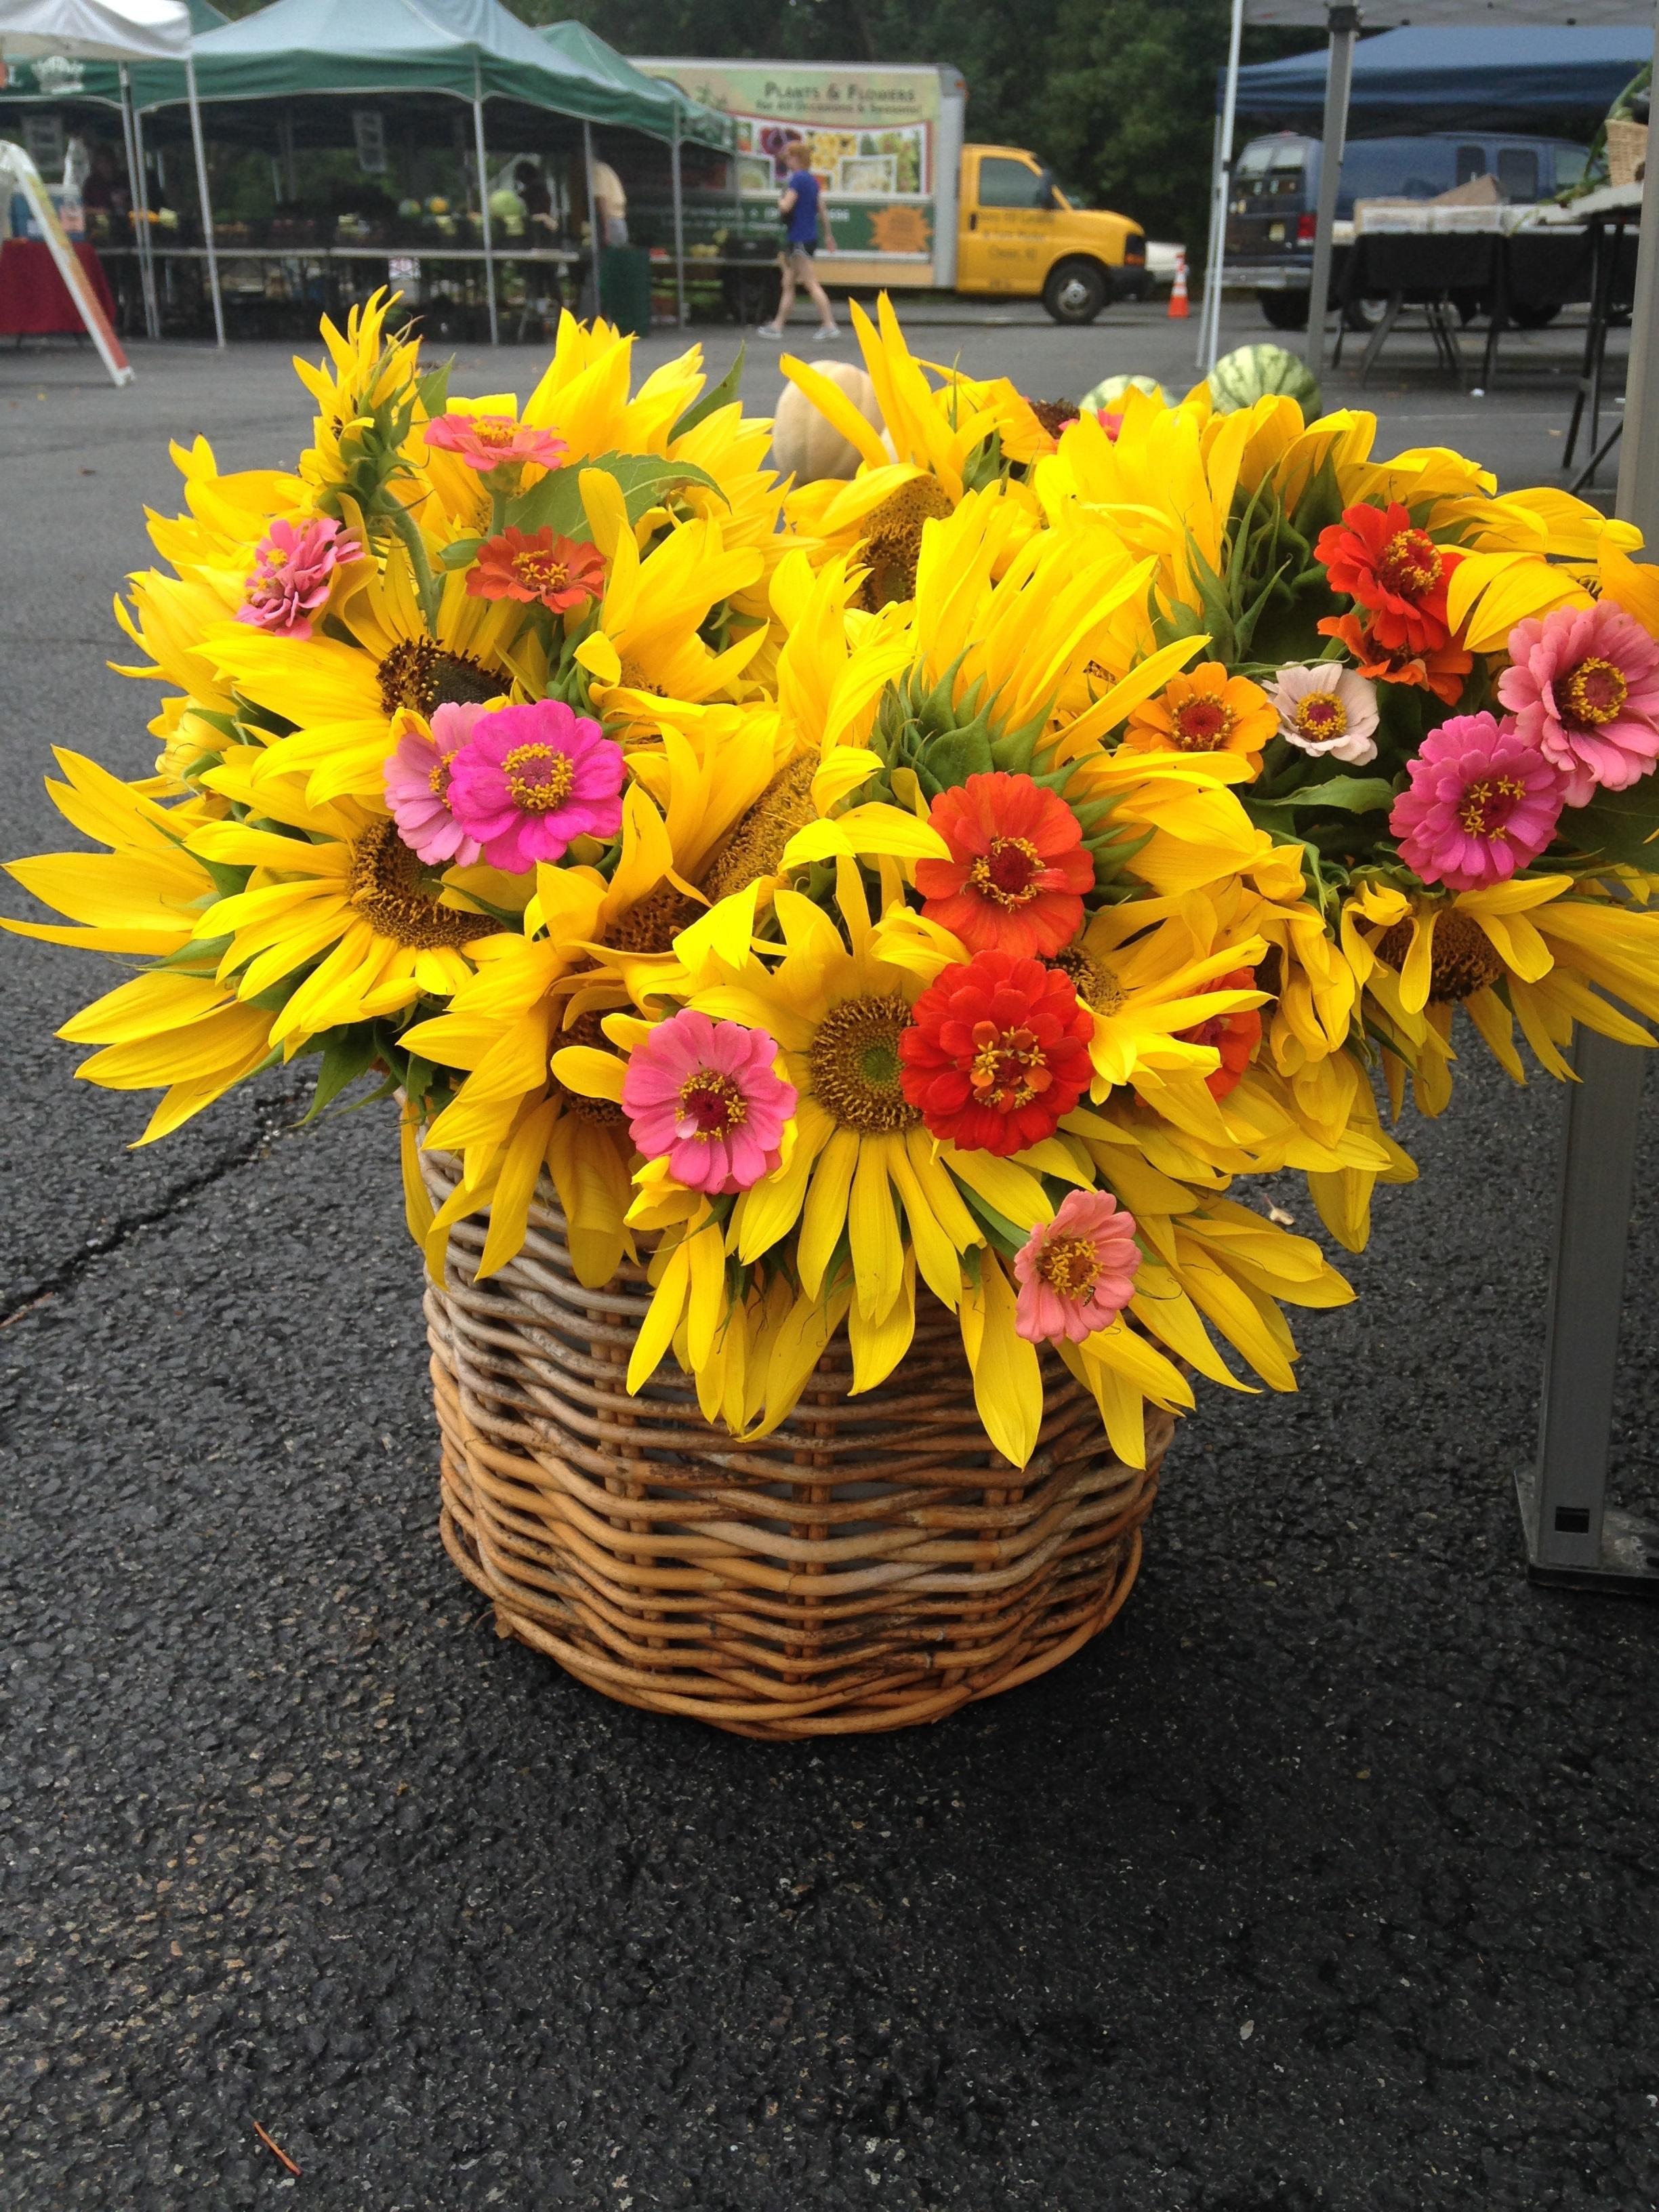 2c9696d4ac8feef89a9a_murph_flowers.jpg